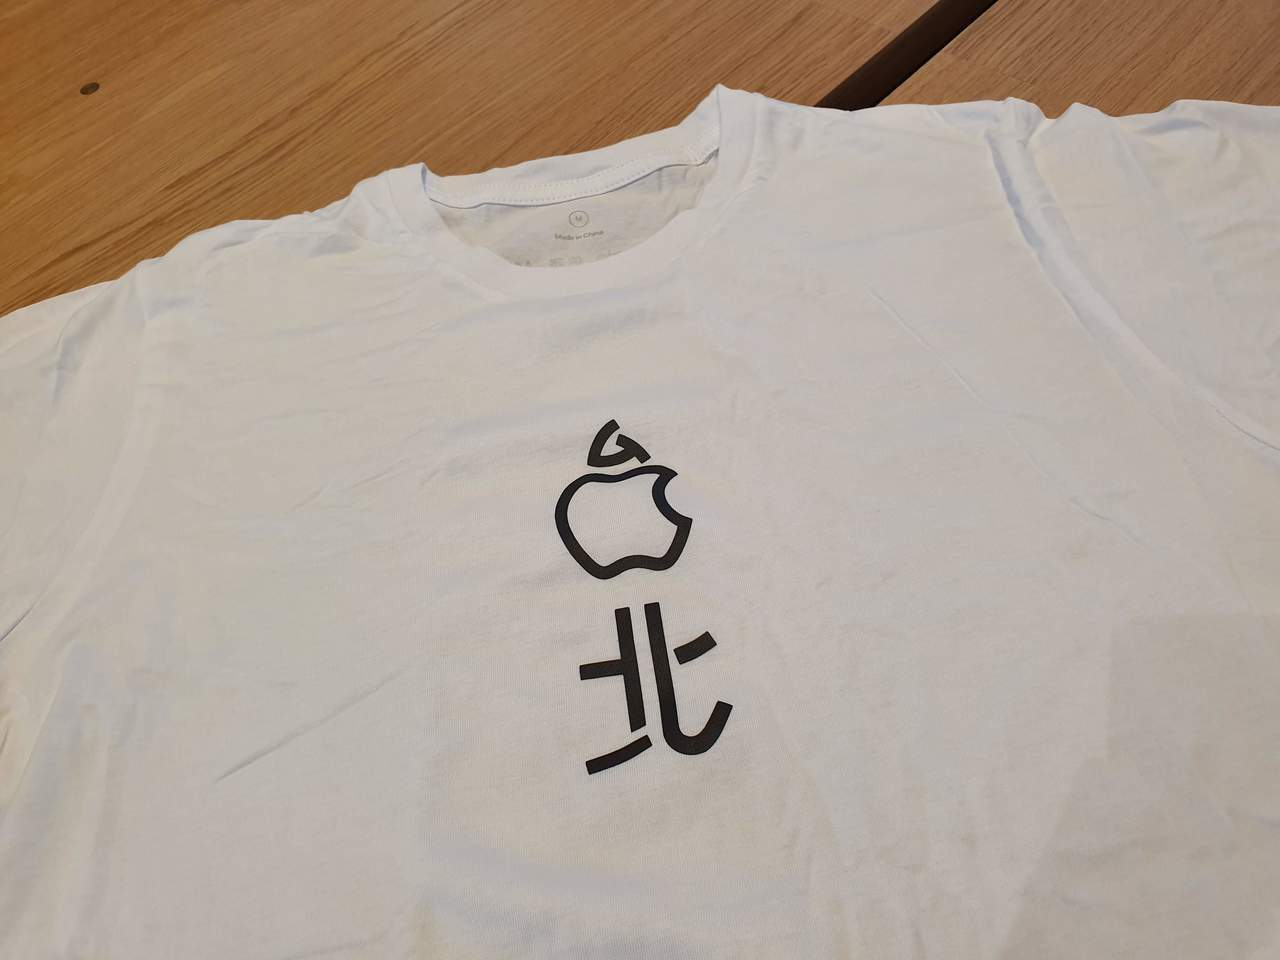 開幕當天蘋果會贈送首批進入店內的顧客限量紀念T恤。記者黃筱晴/攝影